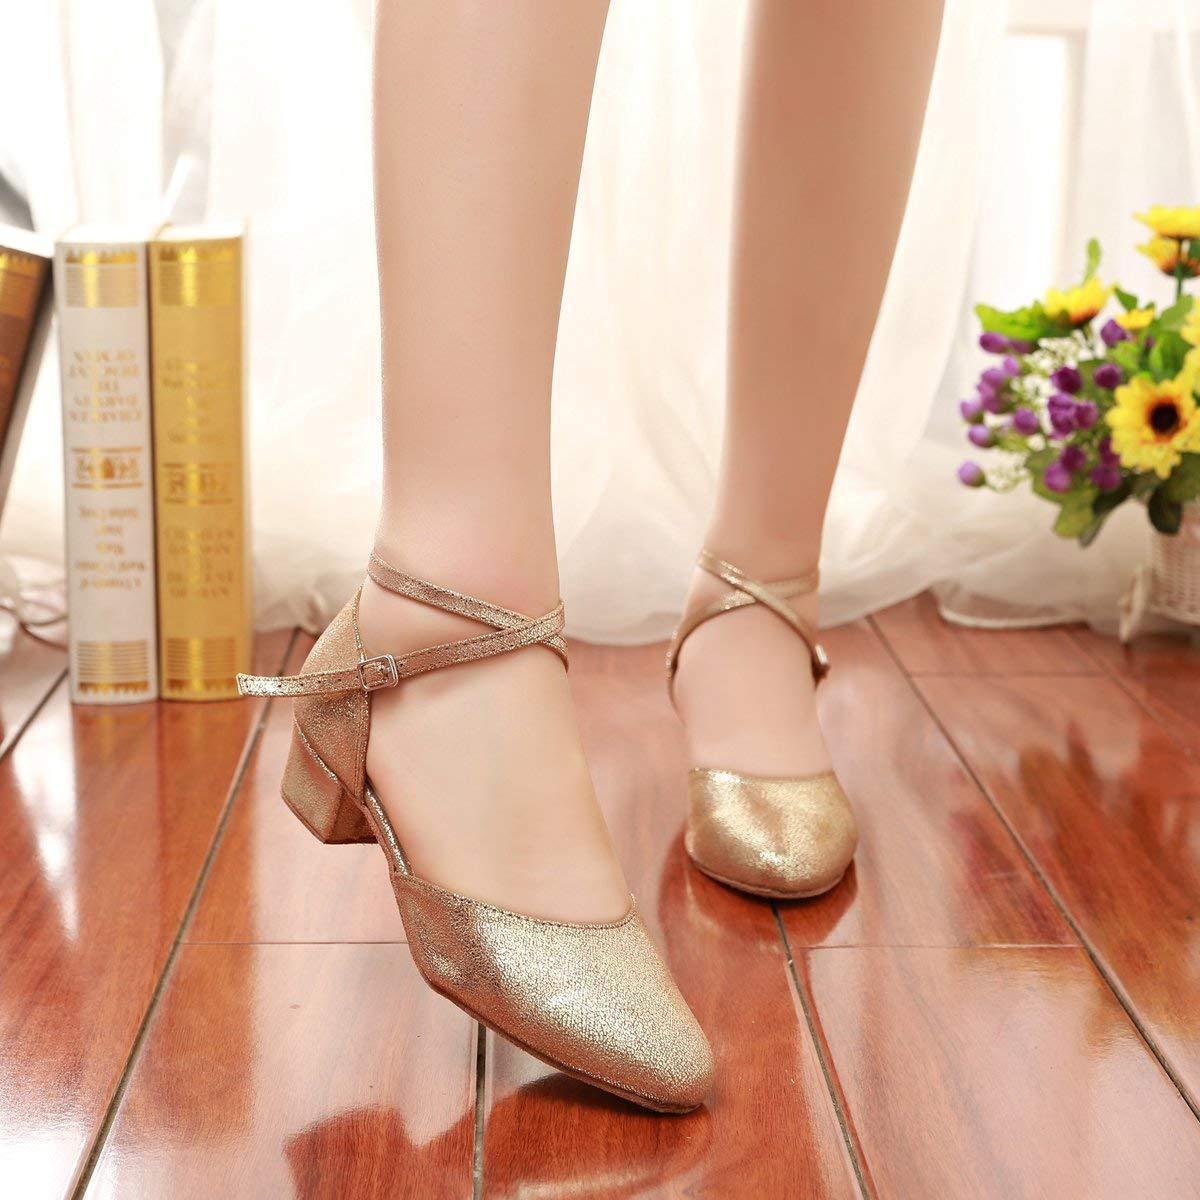 HhGold Mädchen Damen Knöchelriemen Knöchelriemen Knöchelriemen Gold Glitter Latin Dance Schuhe Hochzeit Pumps UK 6.5 (Farbe   -, Größe   -) 2604e6